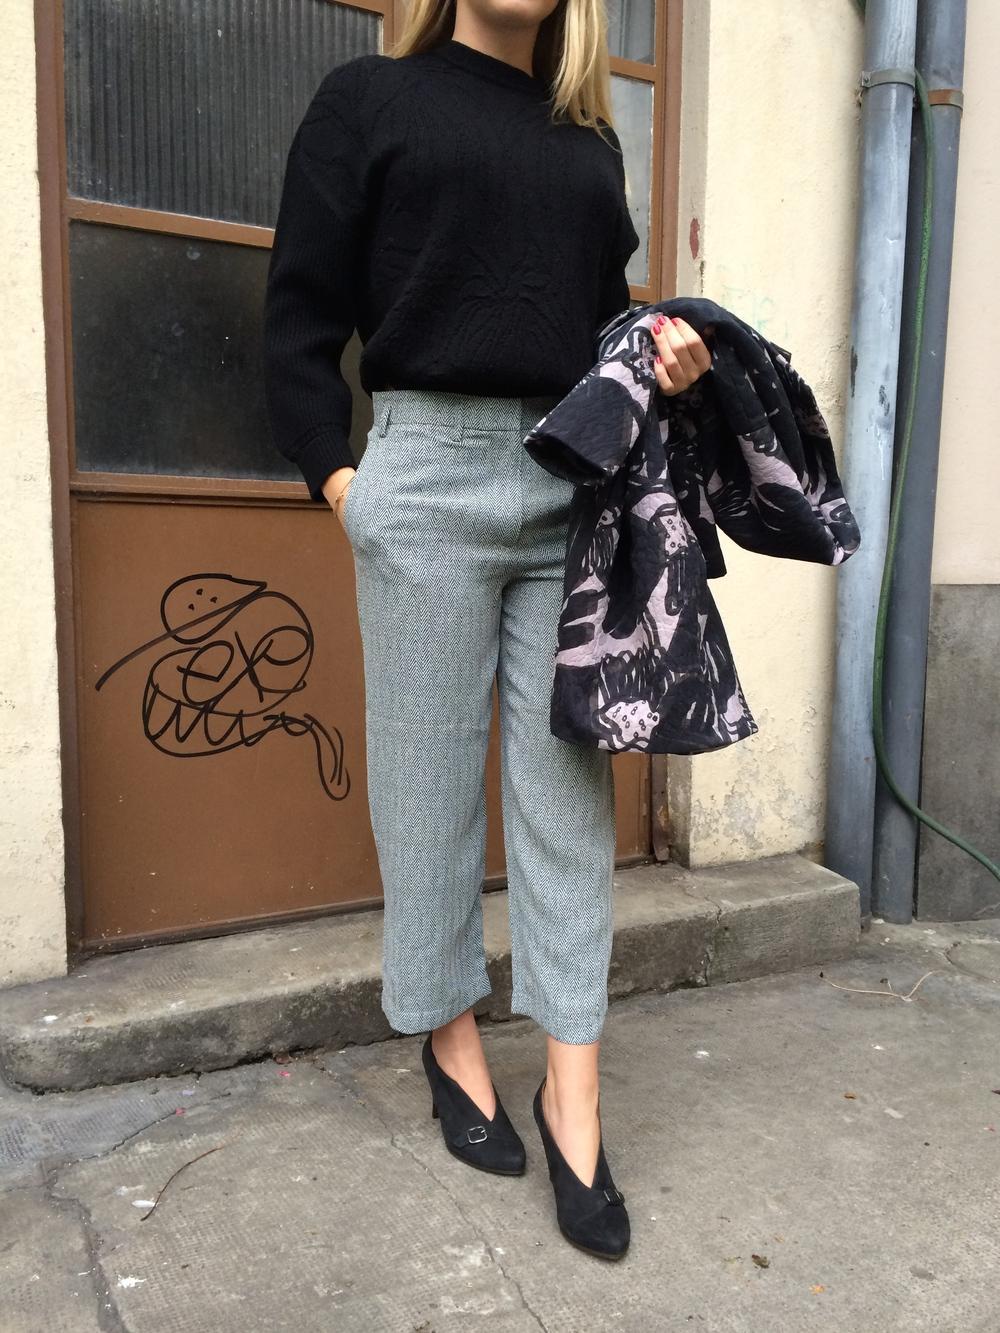 Silhouette PARADIGME/ Manteau,pullover CEDRIC CHARLIER portés avec un pantalon chevron CHRISTIAN WIJNANTS. Escarpins CHIE MIHARA.